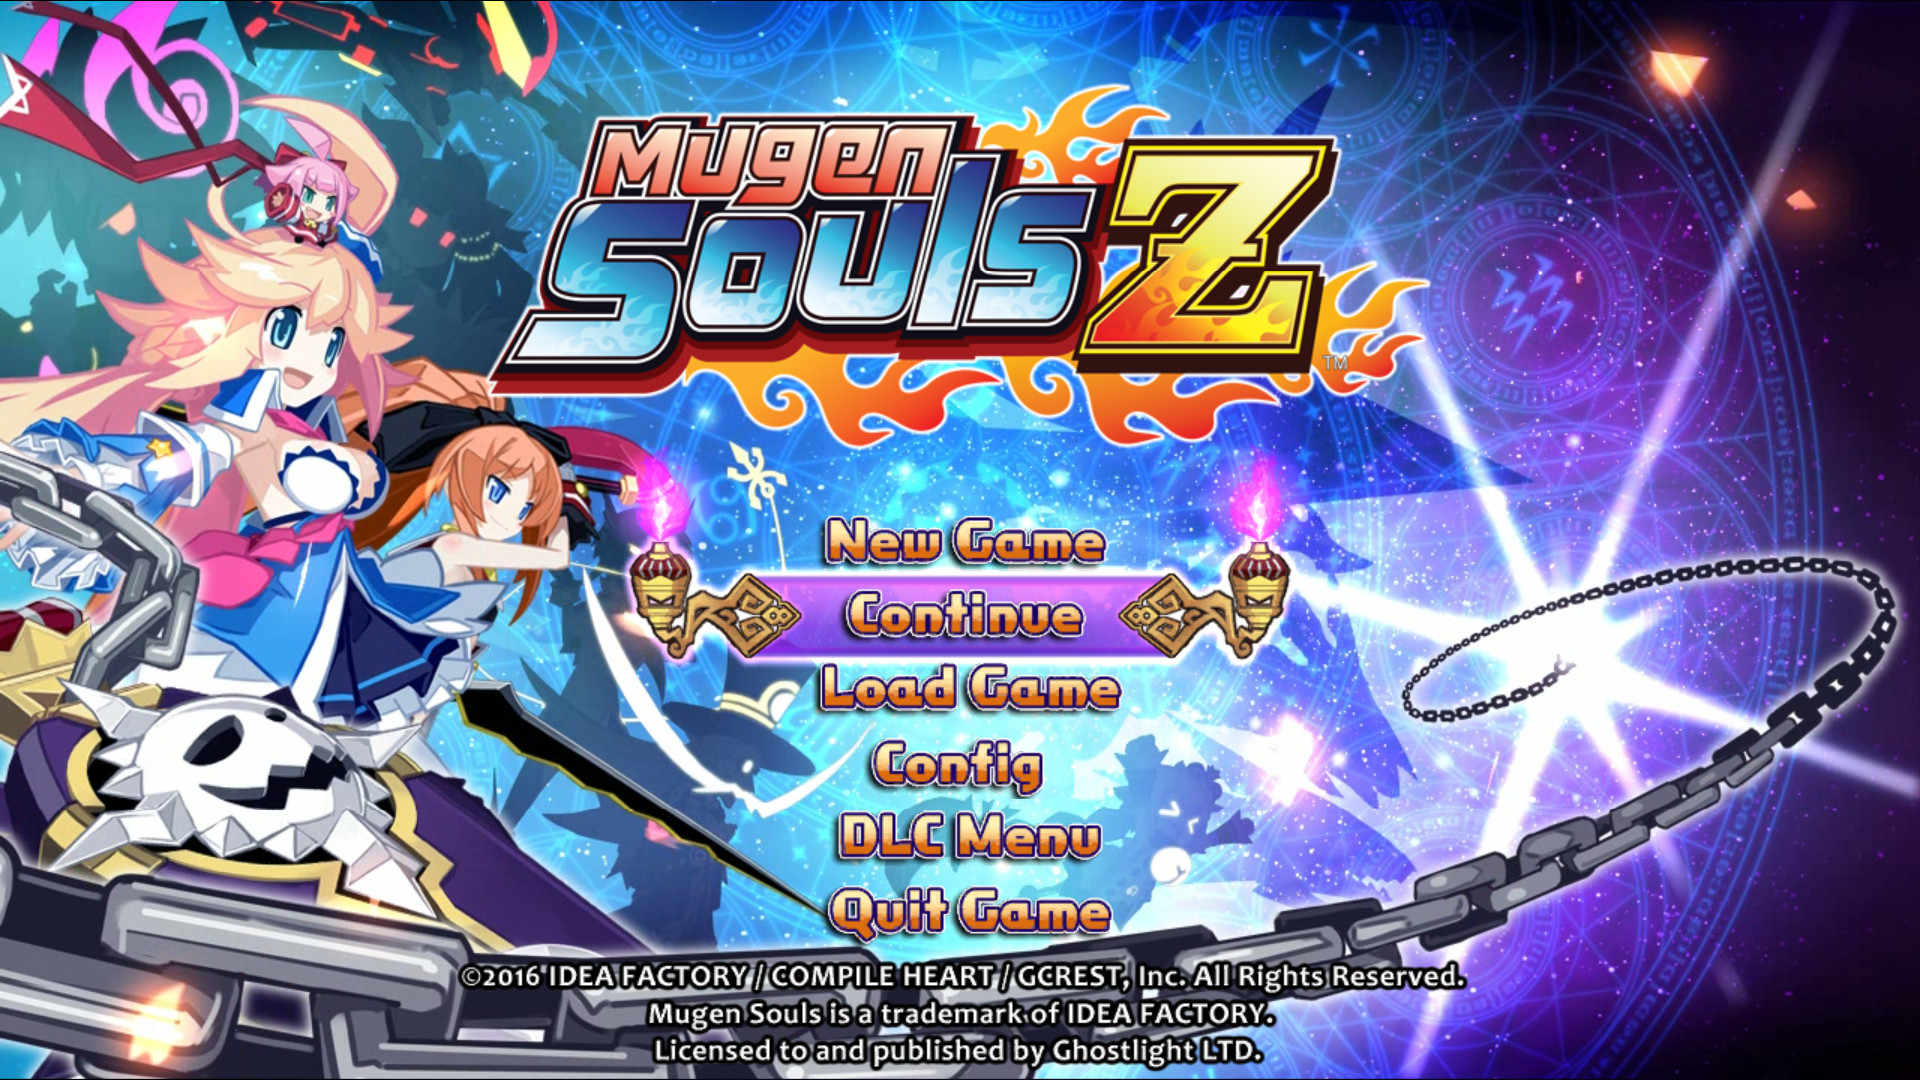 Mugen Souls Z - Character Clothing Bundle screenshot